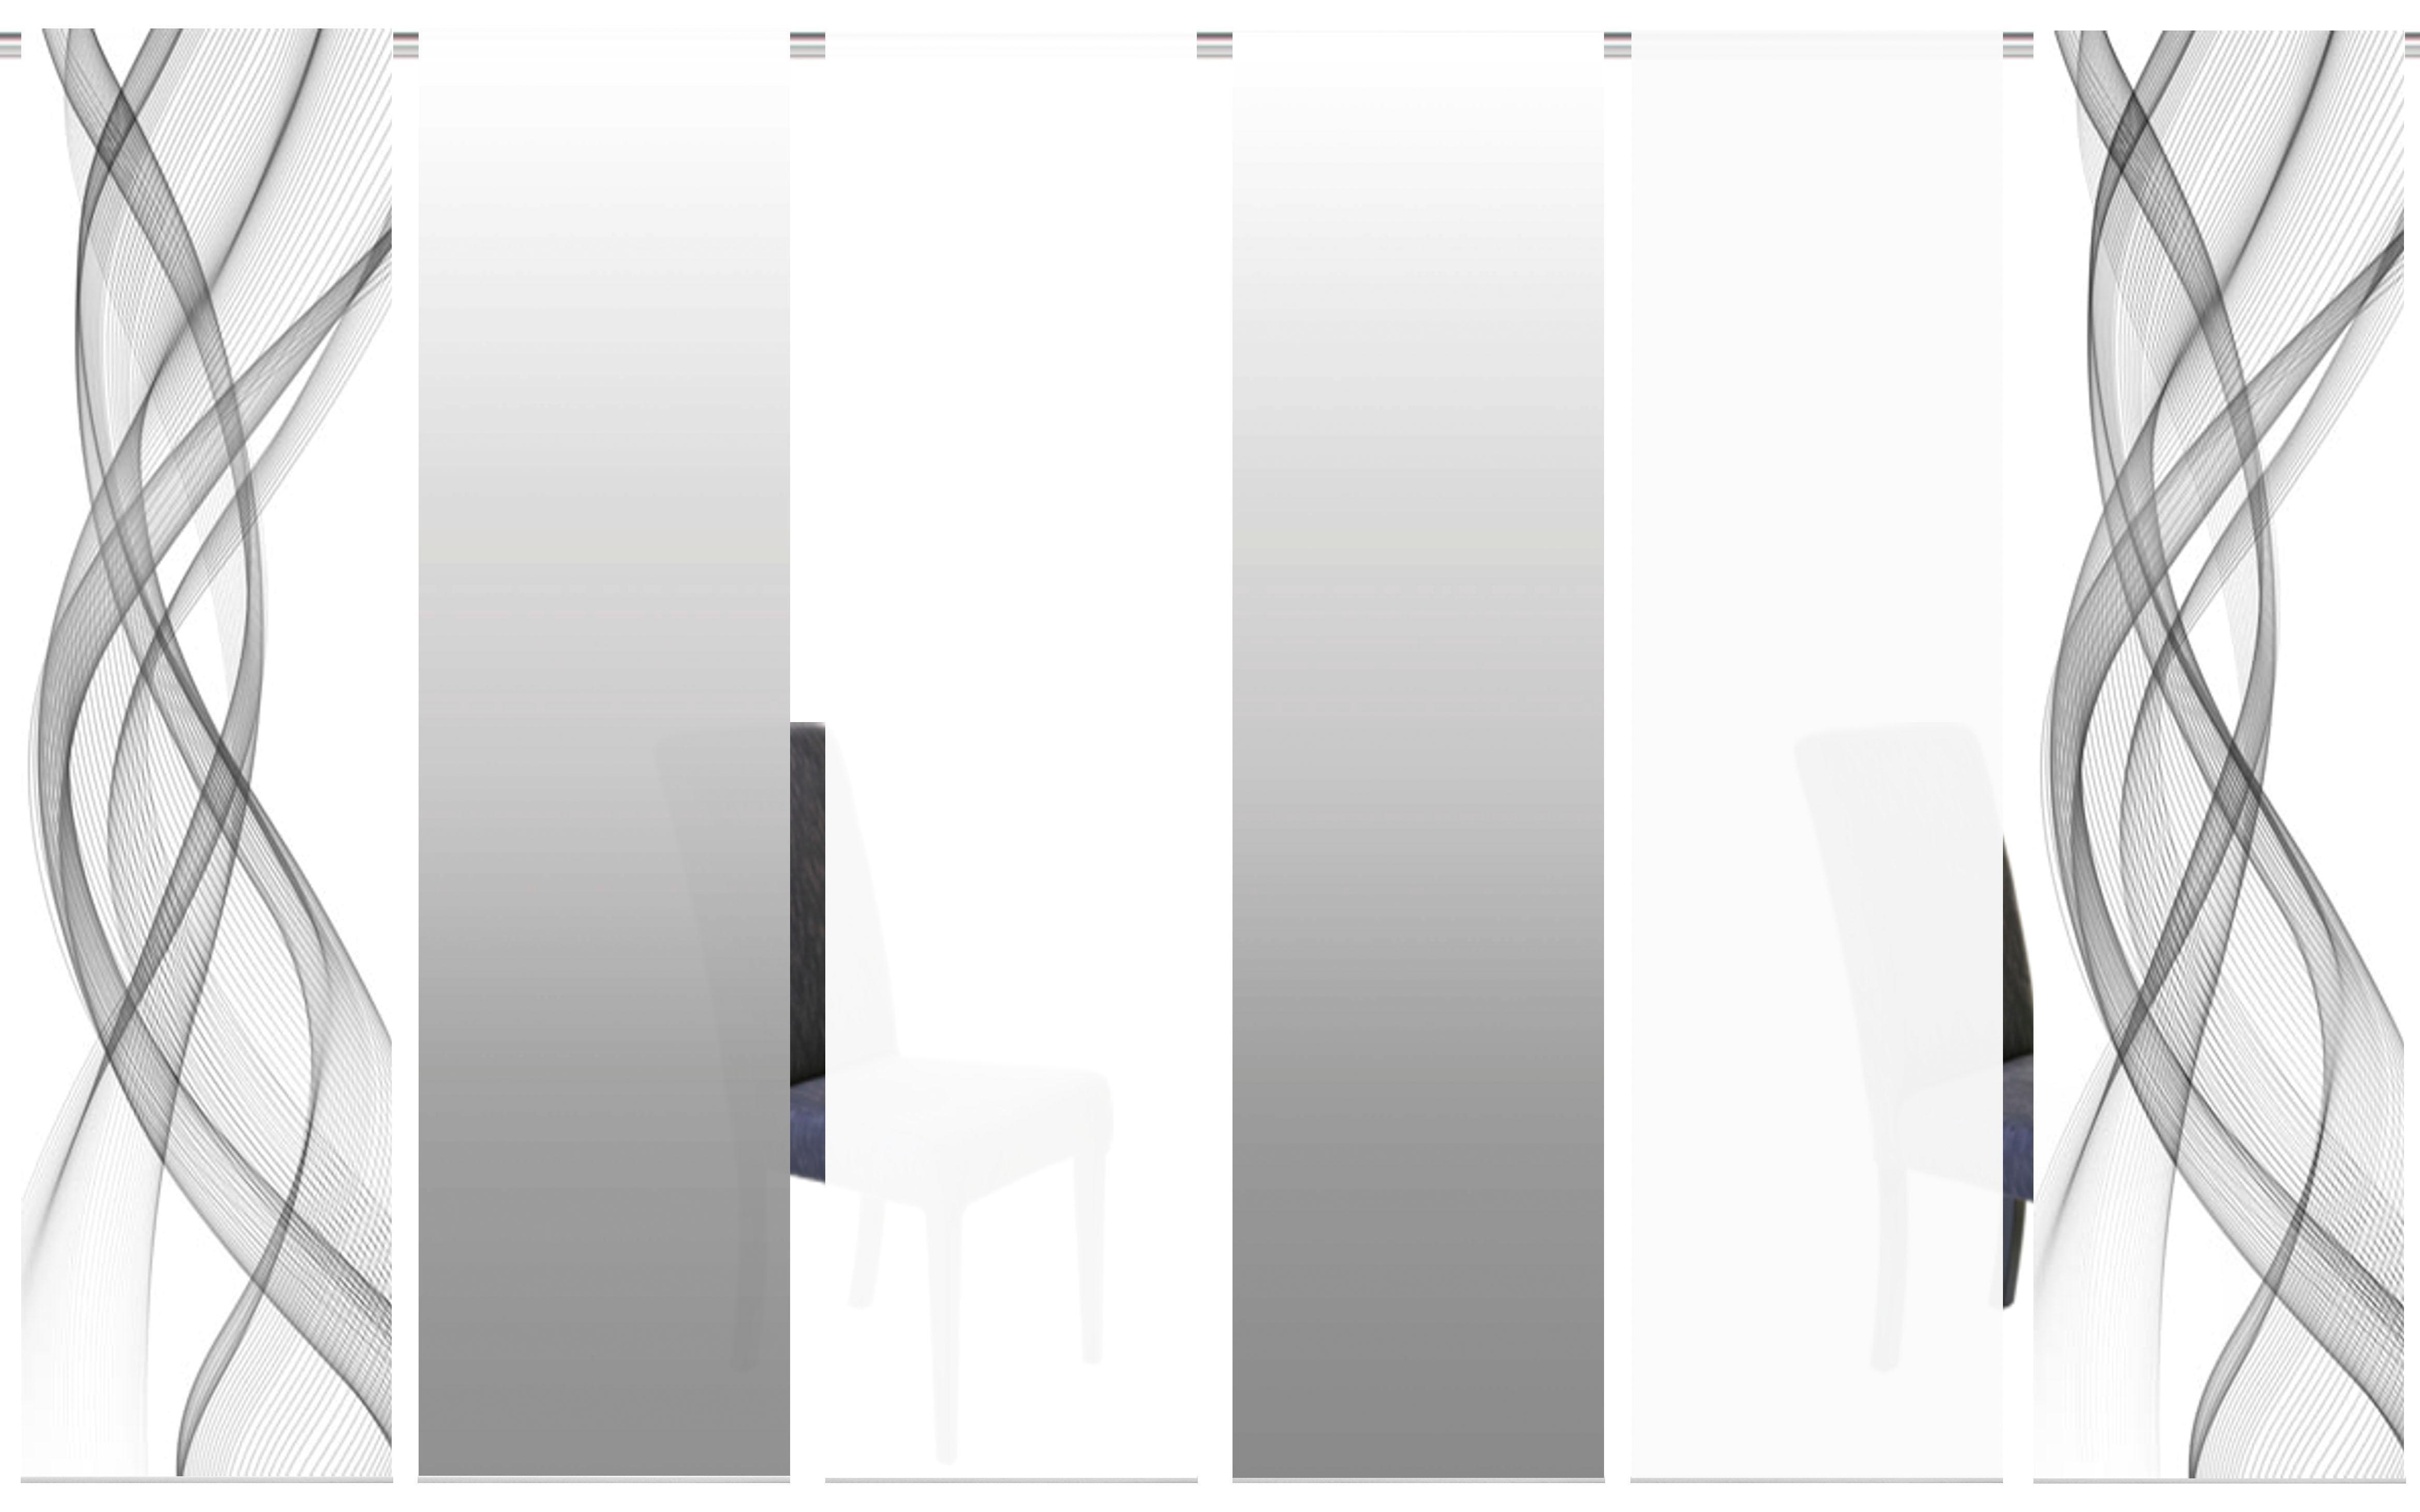 Op zoek naar een HOME WOHNIDEEN paneelgordijn FERROLA HxB: 245x60, inclusief bevestigingsmateriaal (6 stuks)? Koop online bij OTTO